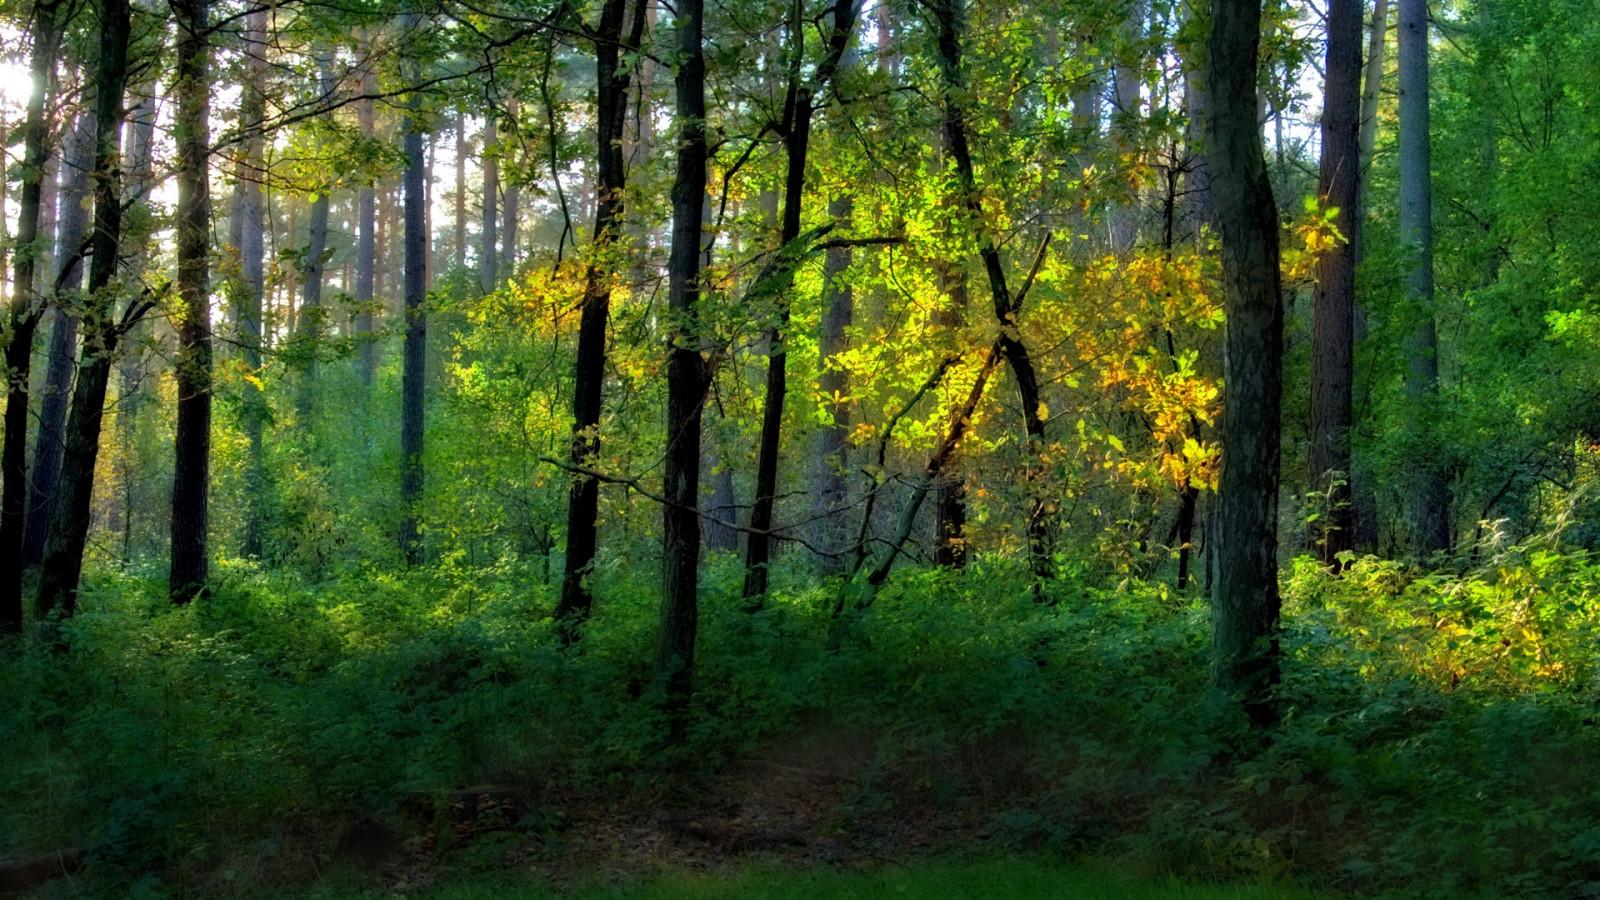 Güneş ışığı Ağaçlar Manzara orman doğa Ot ahşap orman yağmur ormanı Doğa rezervi Ağaç sonbahar Yaprak bitki örtüsü Ormanlık alan Koruluk ekosistem Ilıman iğne yapraklı orman Biyom Bagaj Eski büyüme ormanı Ilıman geniş yapraklı ve karışık orman yaprak döken Çalılar yeşillik Kıyısal orman spruce fir forest northern hardwood forest concept tropical and subtropical coniferous forests valdivian temperate rain forest